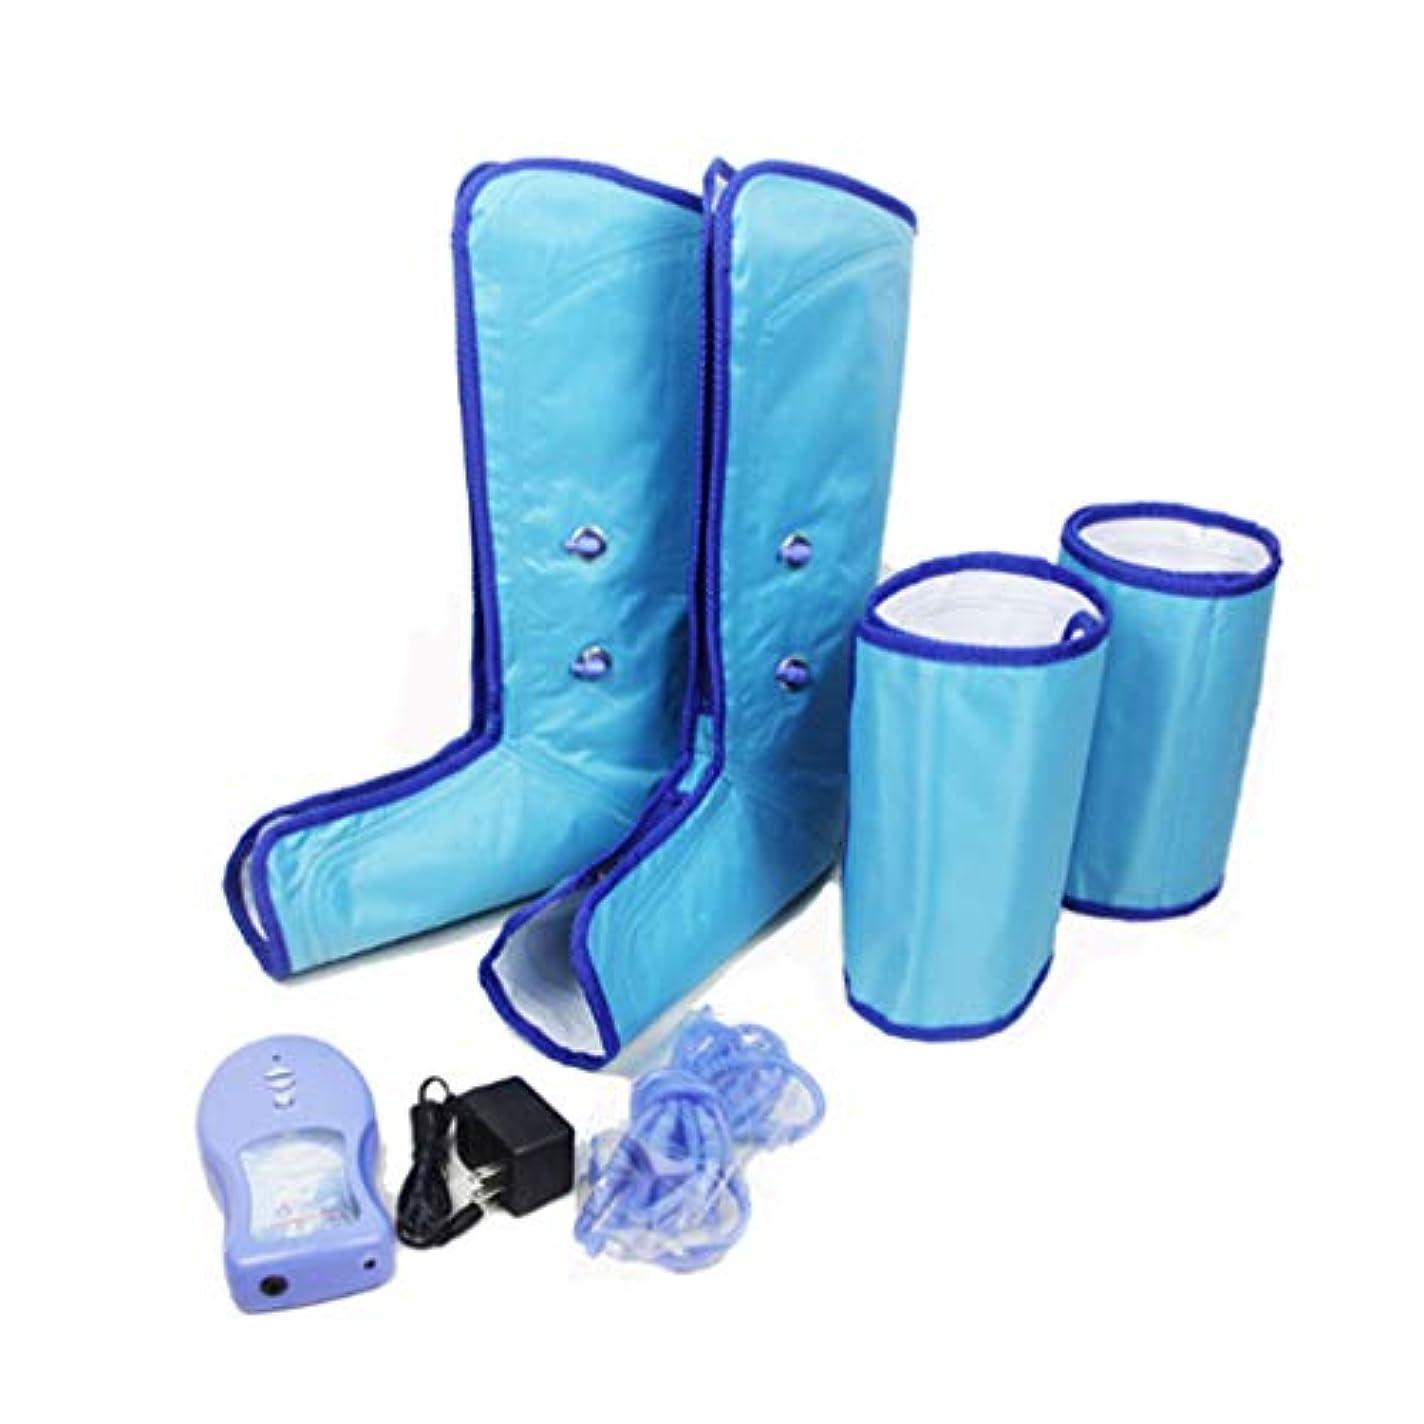 ストリップ不透明なピストル循環および筋肉苦痛救助のための空気圧縮の足覆いのマッサージャー、足のふくらはぎおよび腿の循環のMassagetherapyの足の暖かい人